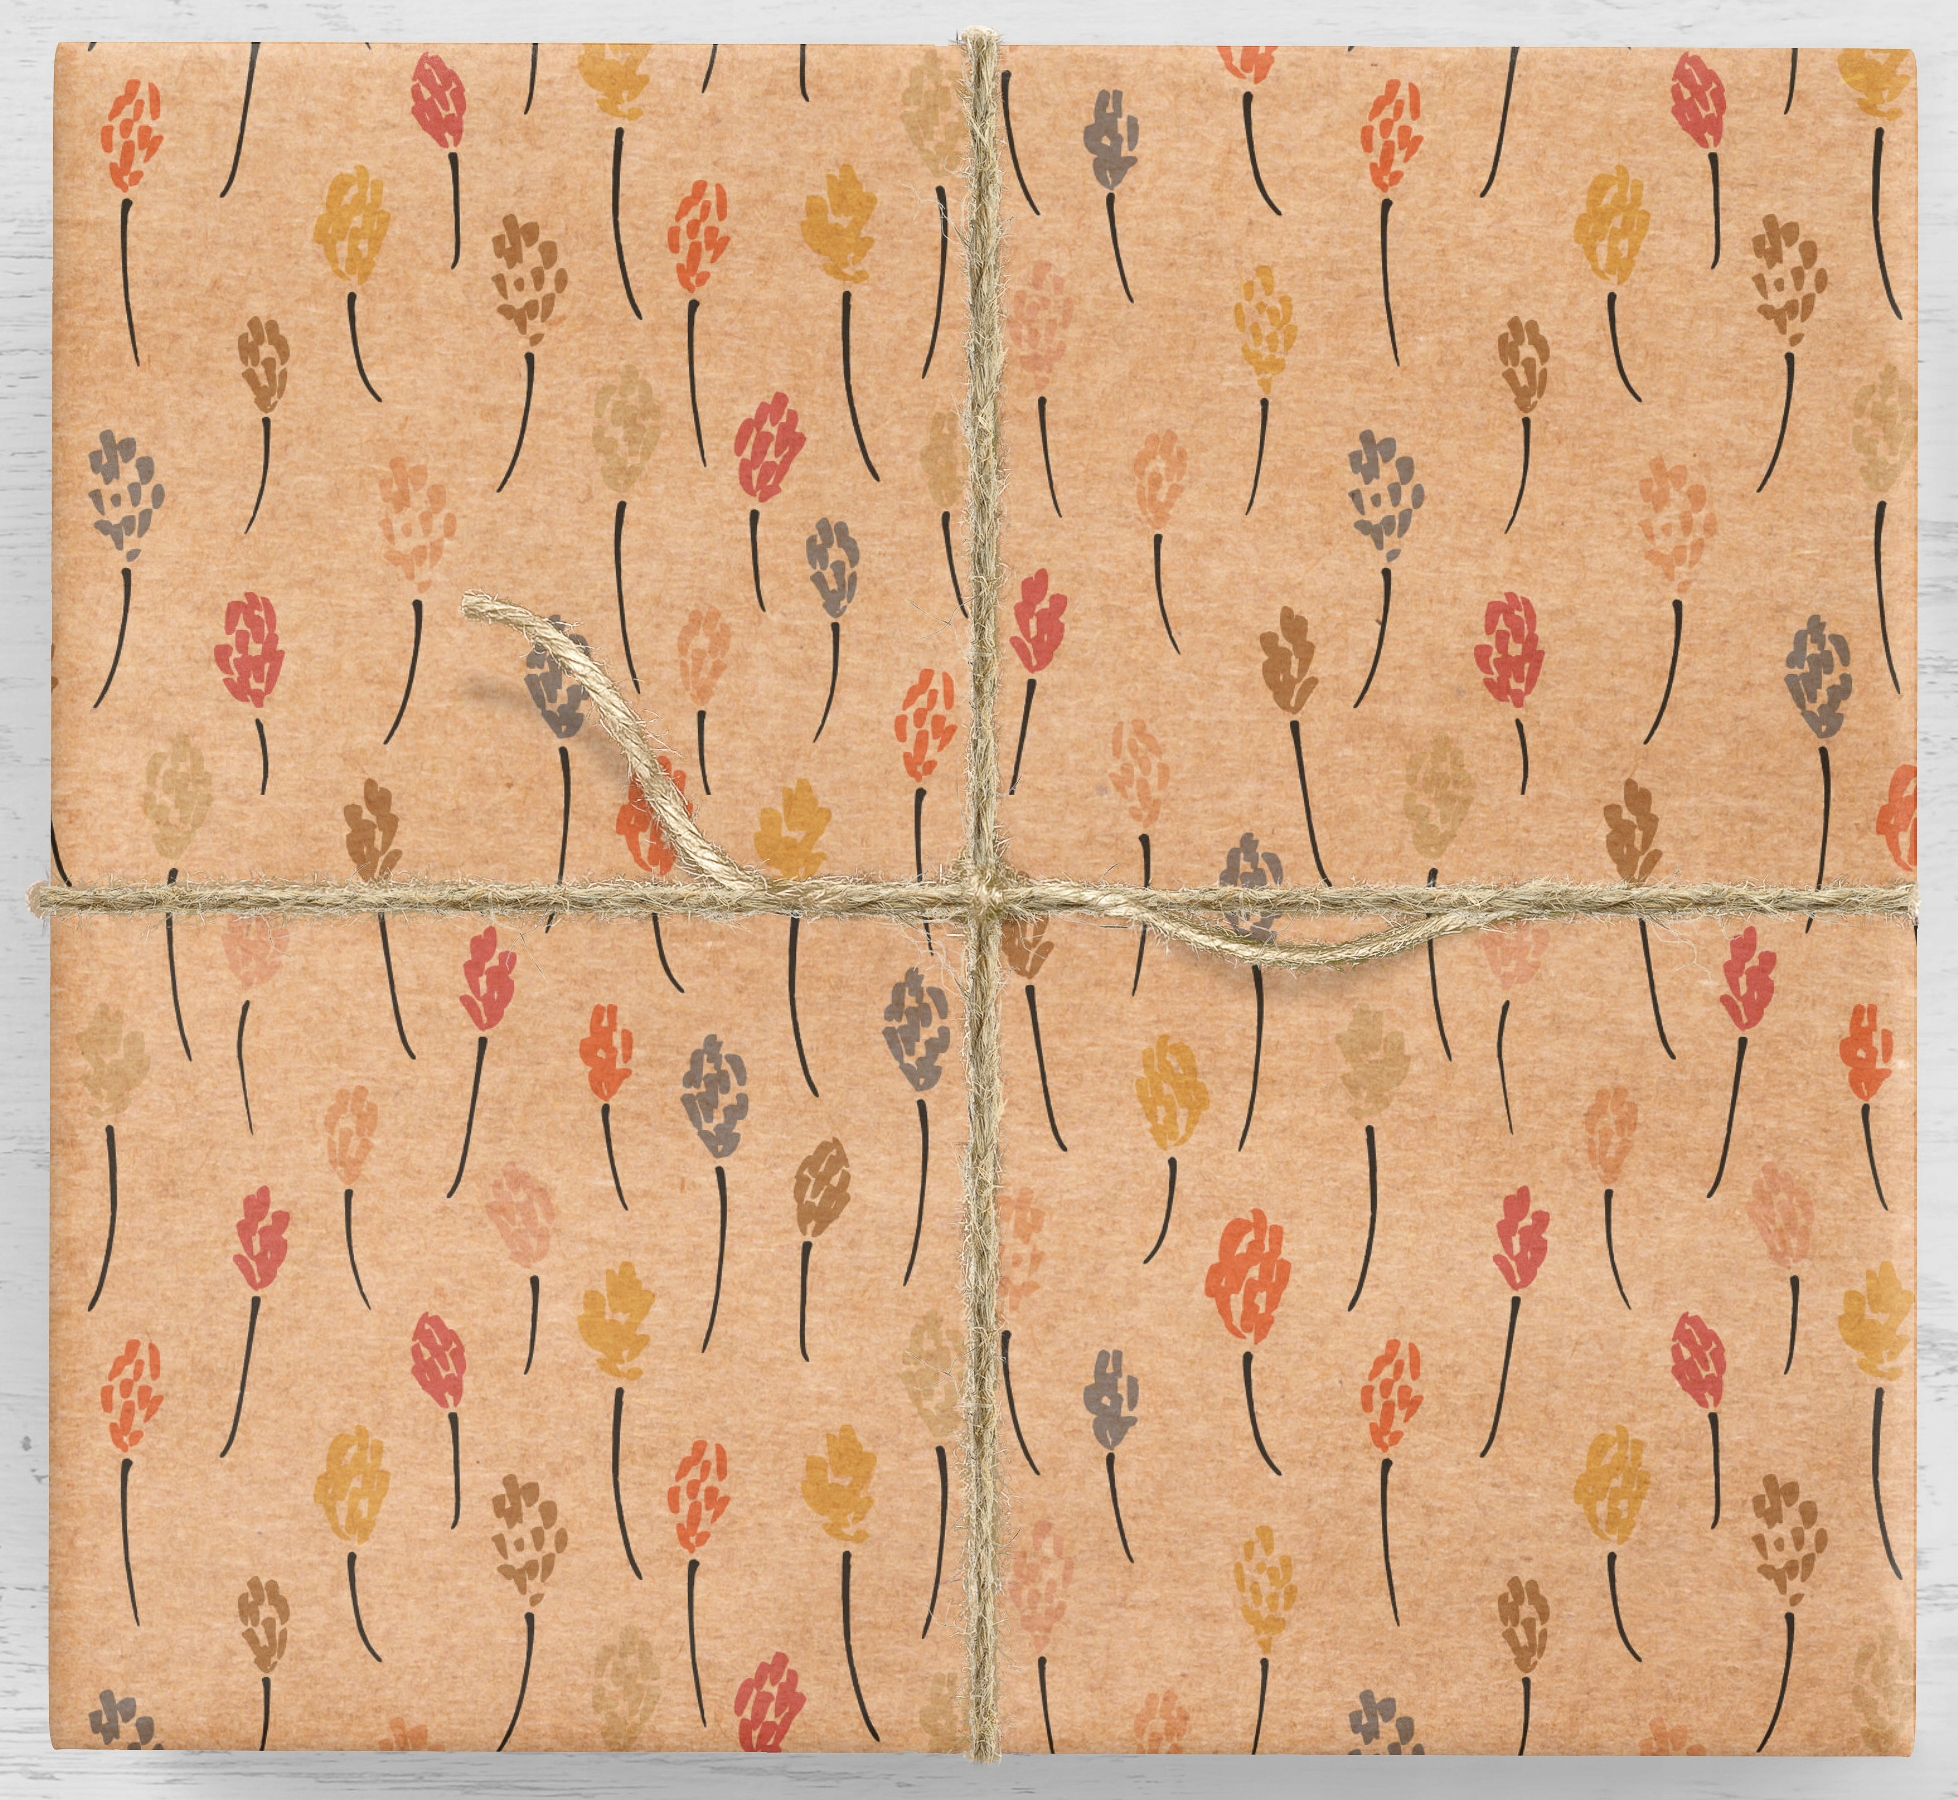 Farebný zafírový darčekový baliaci papier 10